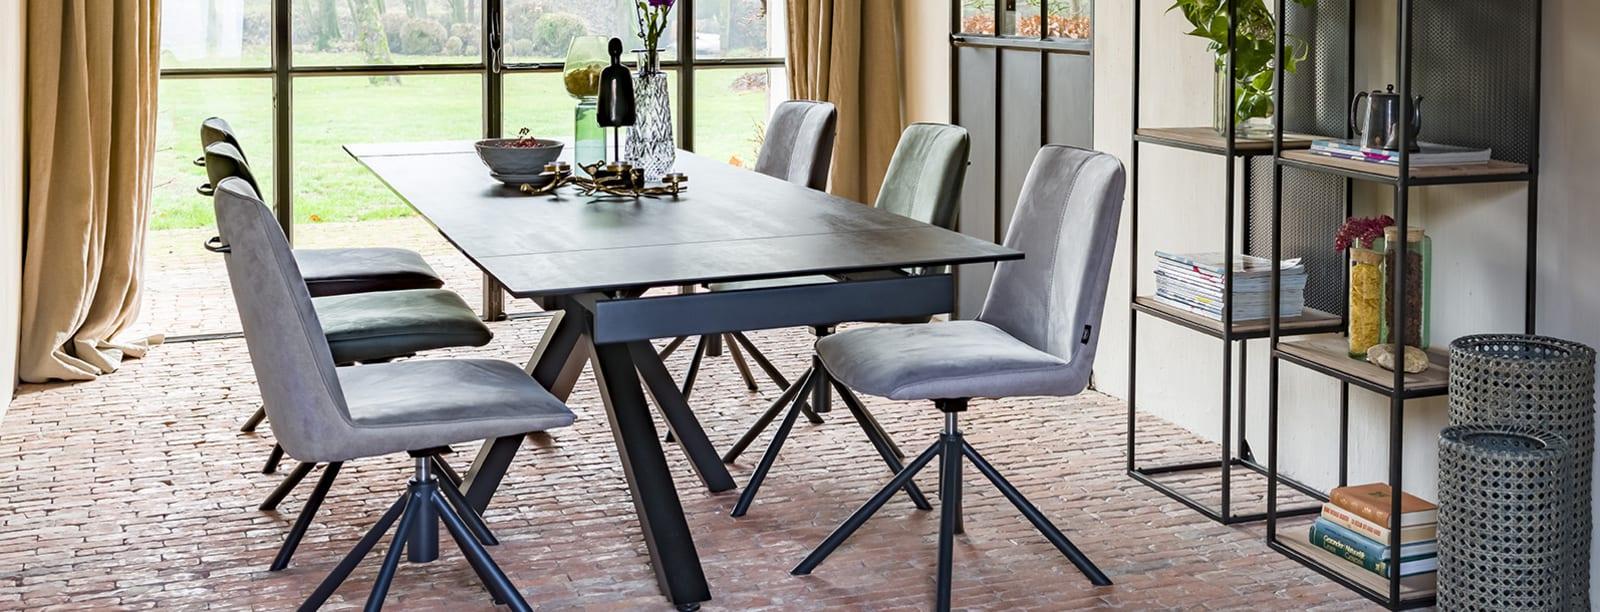 À la recherche d'une chaise moderne au design intemporel? La chaise Brody est alors ce qu'il vous faut.